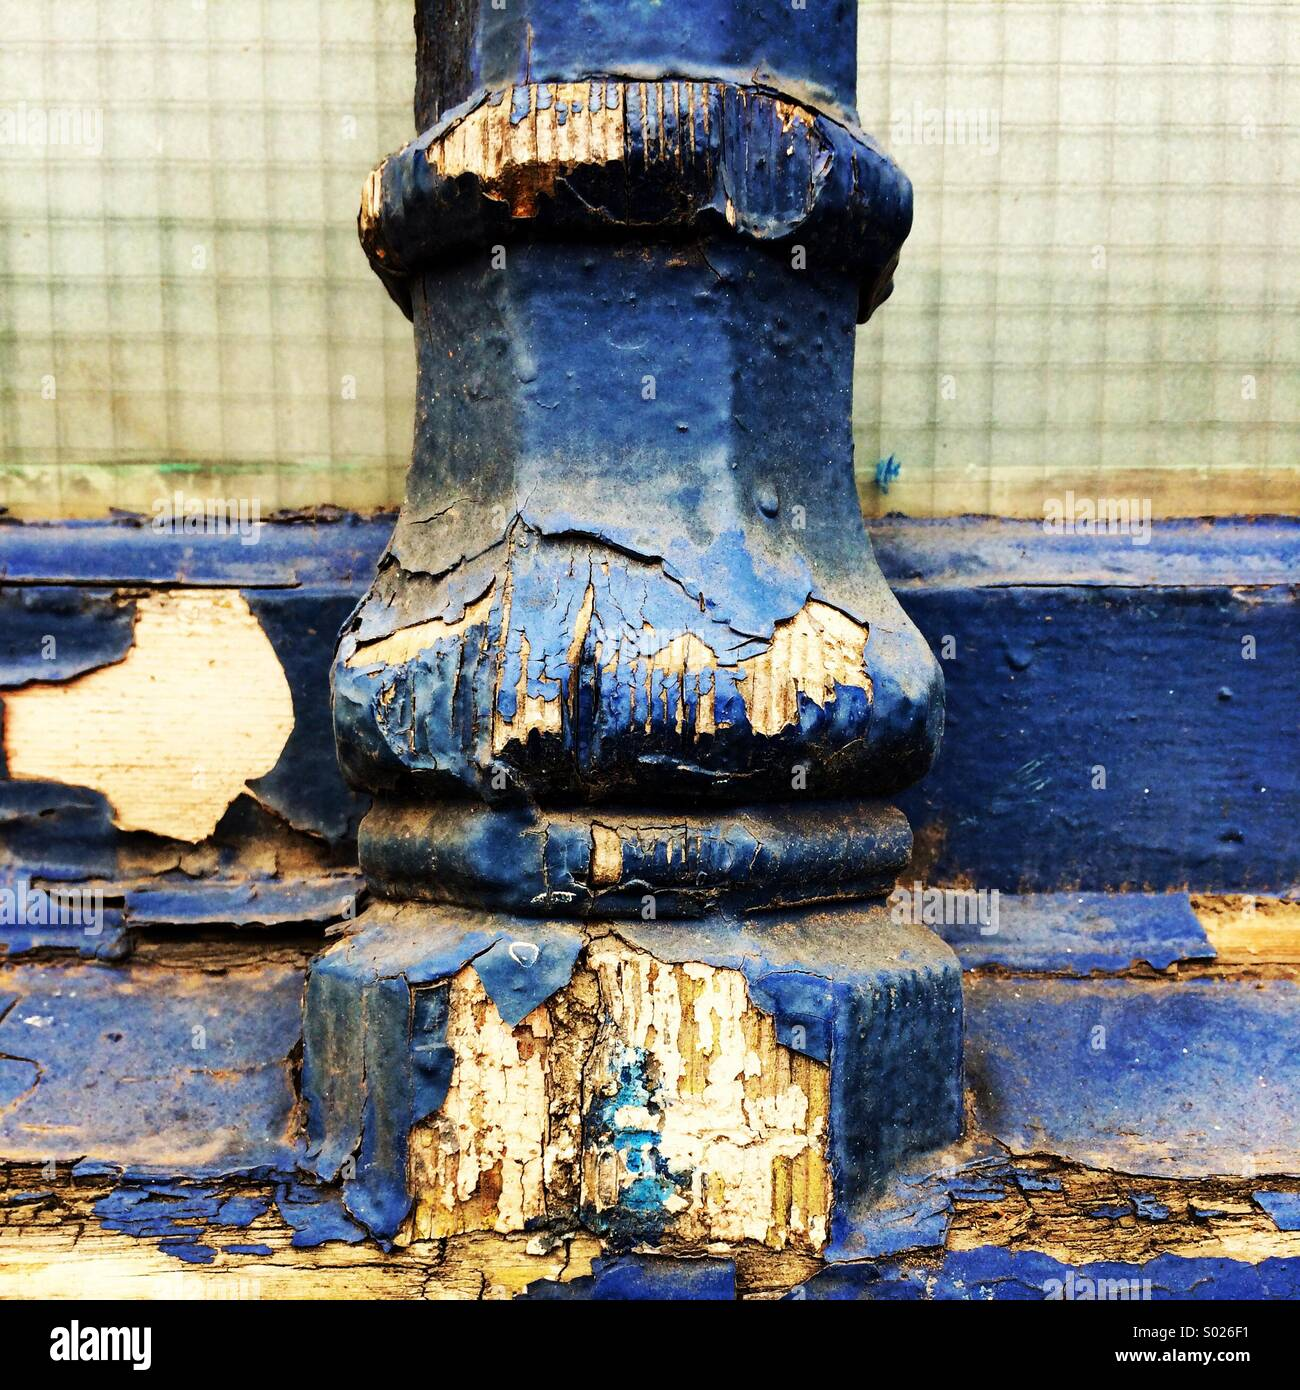 Peeling und Abplatzungen blauen Farbe auf einem reich verzierten Fensterrahmen. Stockbild